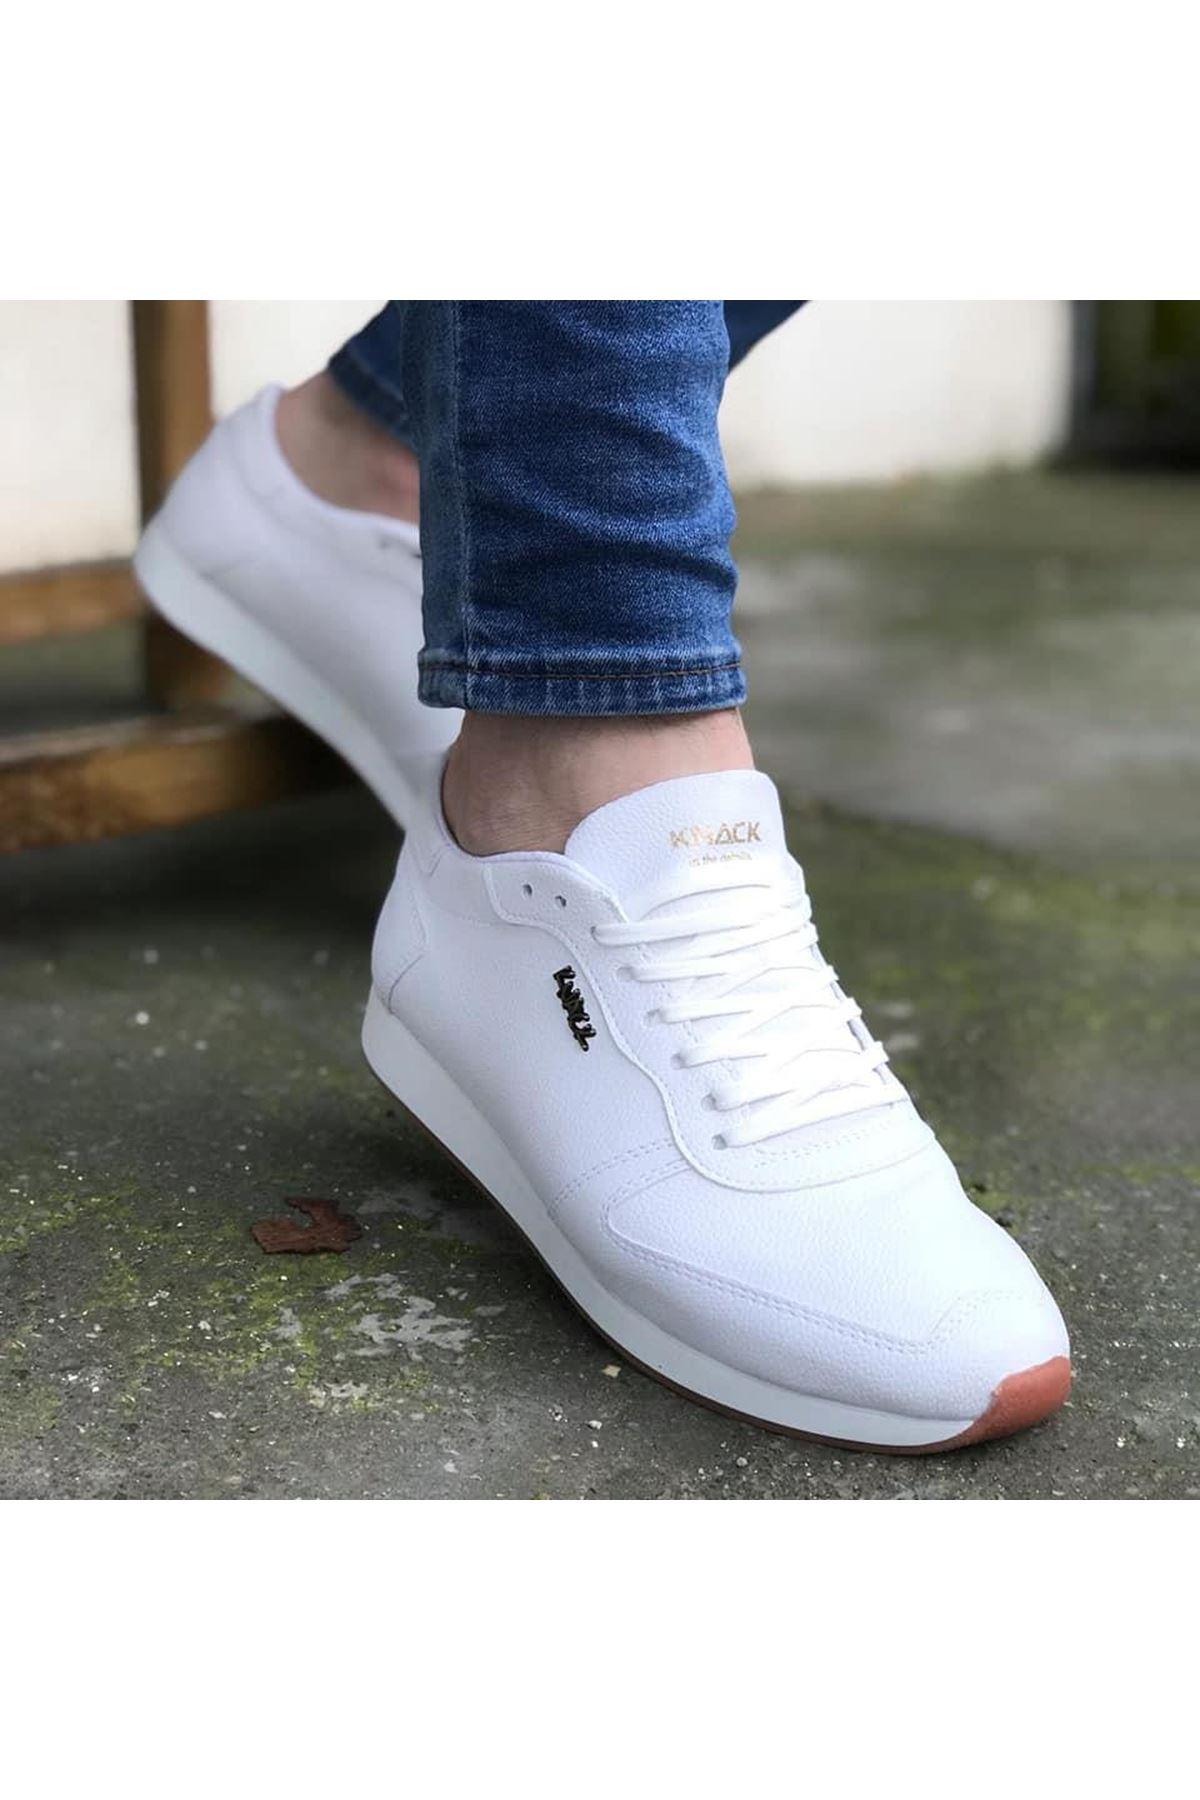 Knack Fashion Erkek Sneaker